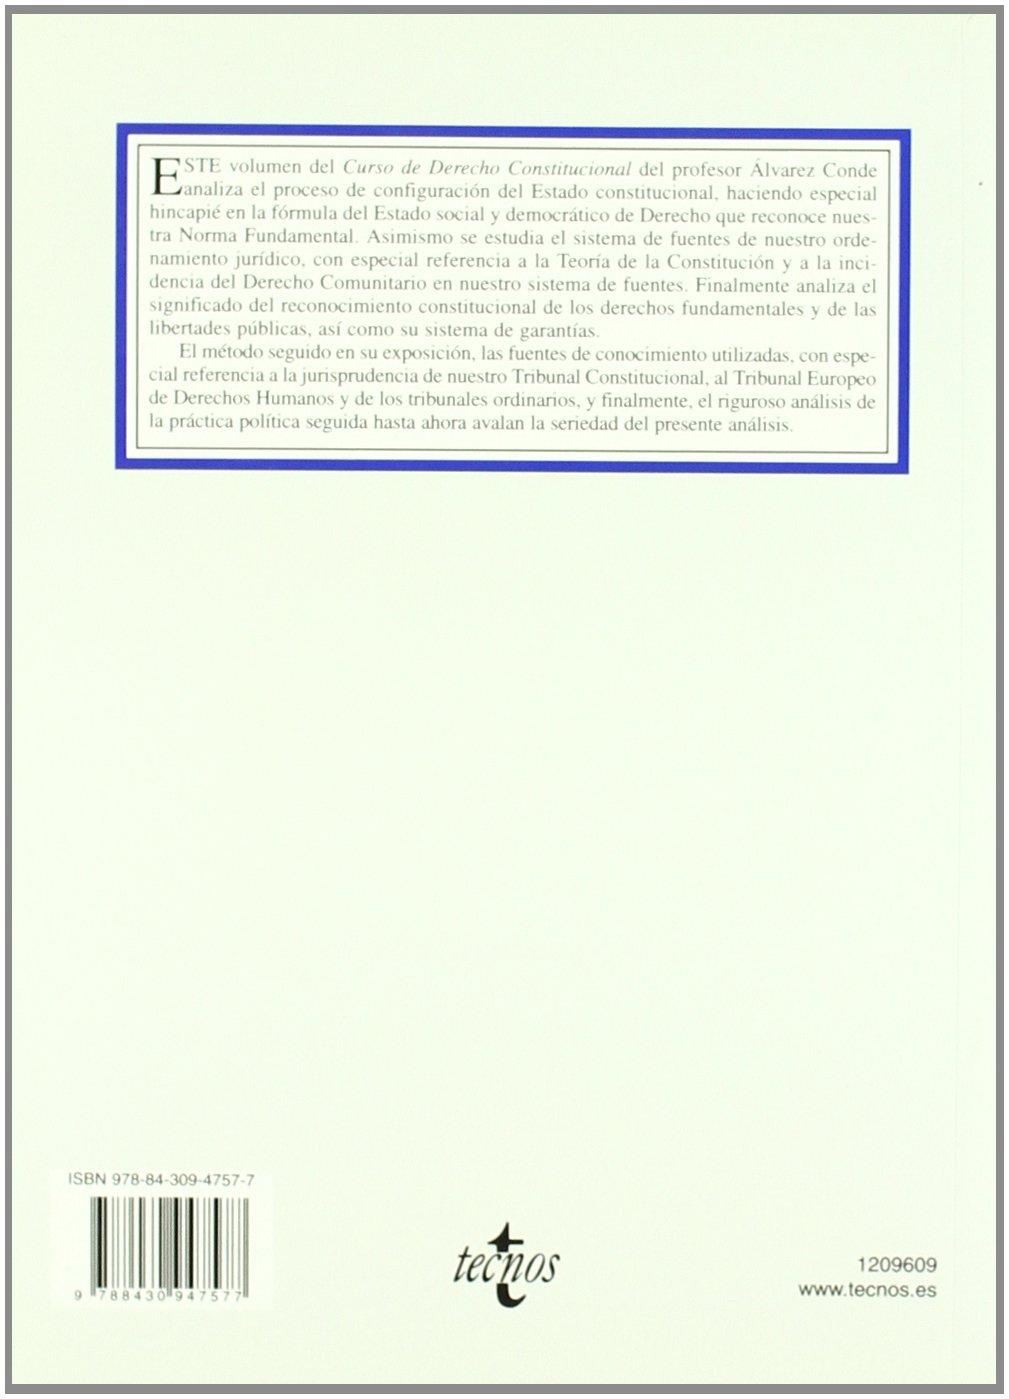 Curso de Derecho Constitucional: Vol. I: El Estado constitucional. El sistema de fuentes. Los derechos y libertades Derecho - Biblioteca Universitaria De Editorial Tecnos: Amazon.es: Álvarez Conde, Enrique: Libros